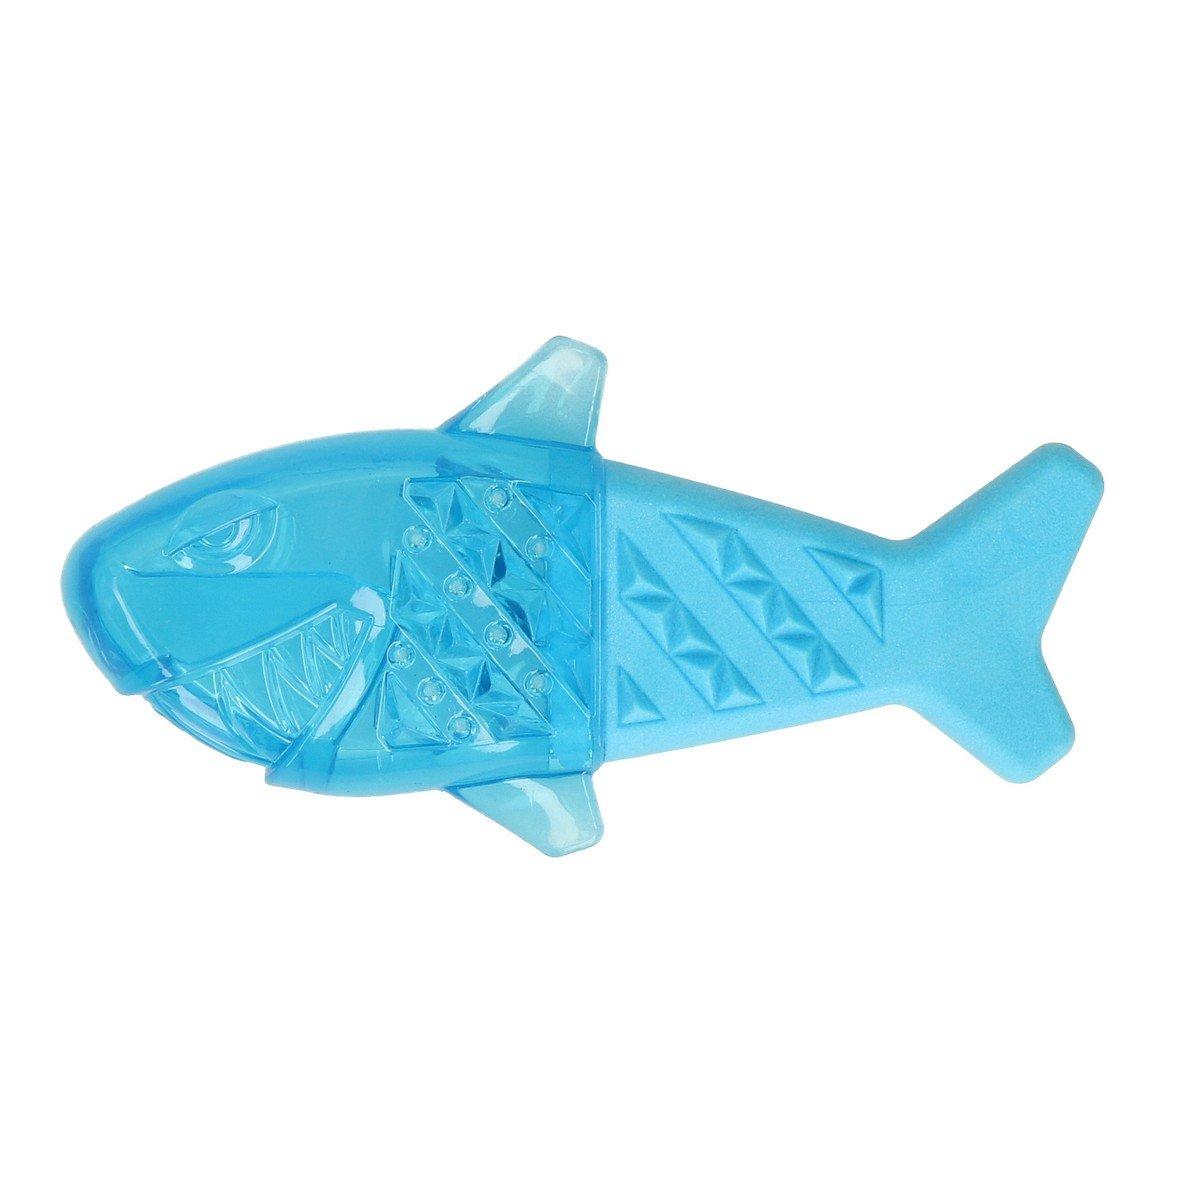 Afbeelding van CoolPets Ice Fish 17cm